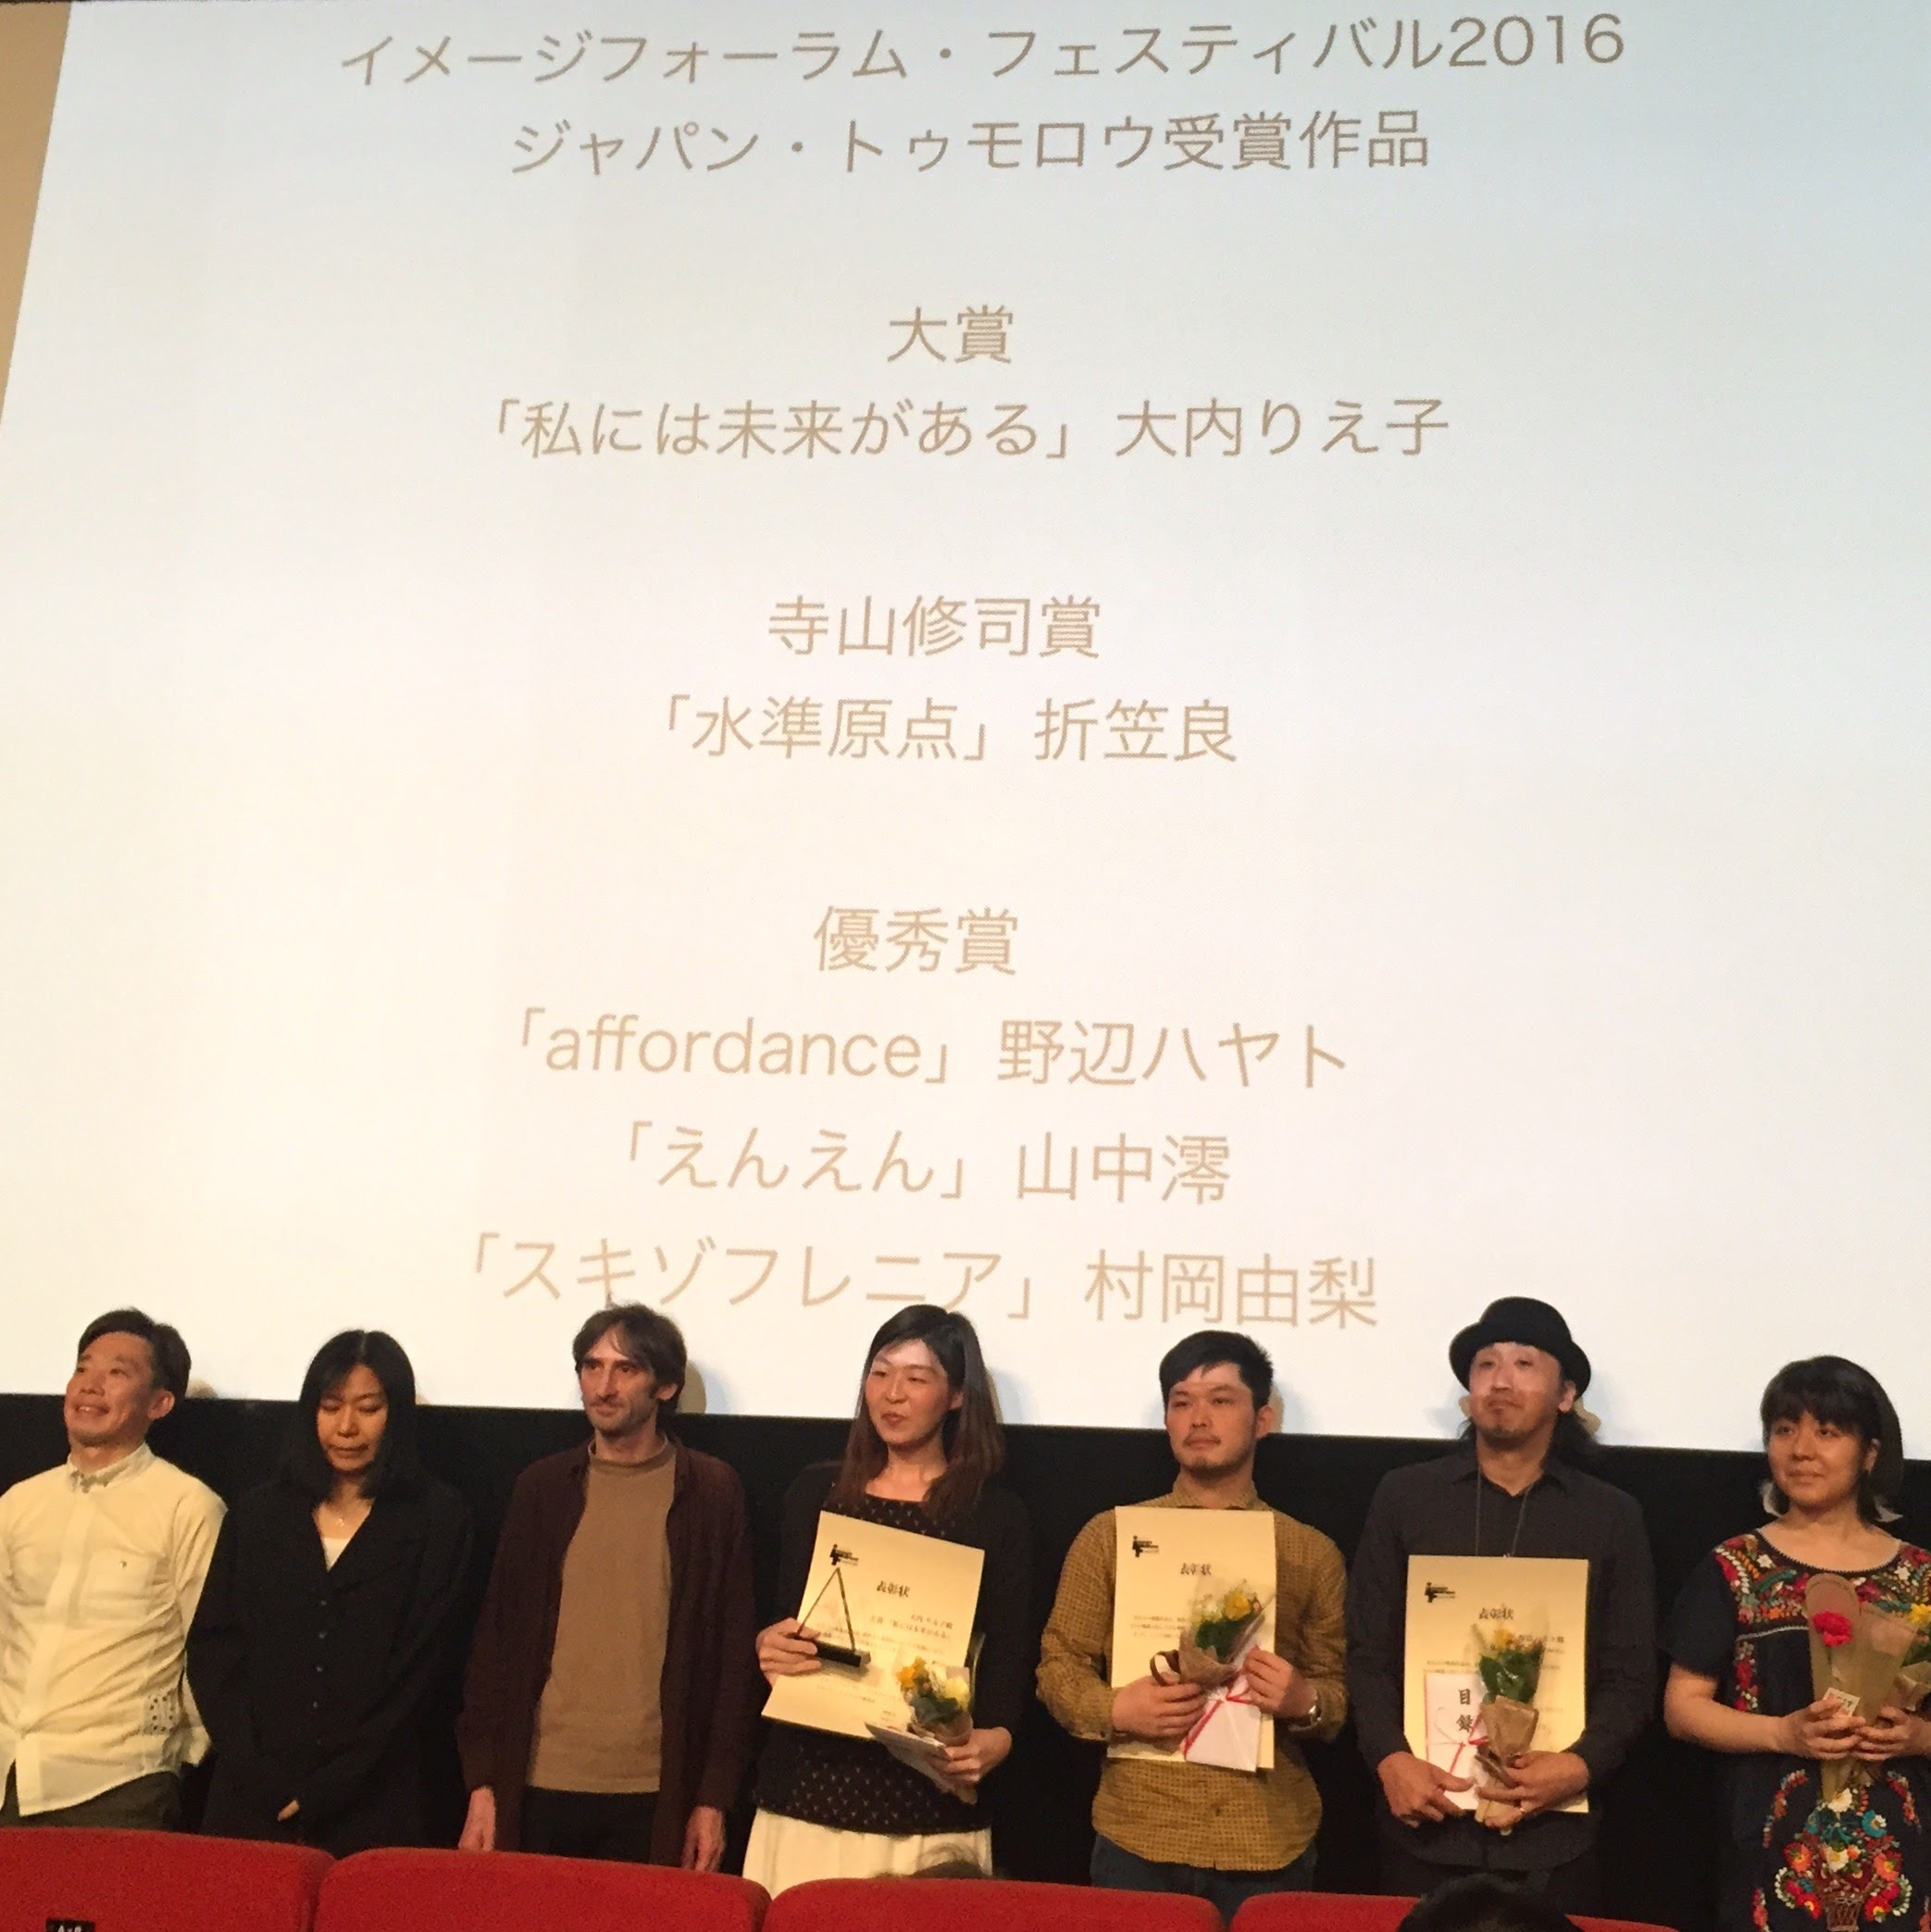 イメージフォーラム・フィスティバル2016 優秀賞